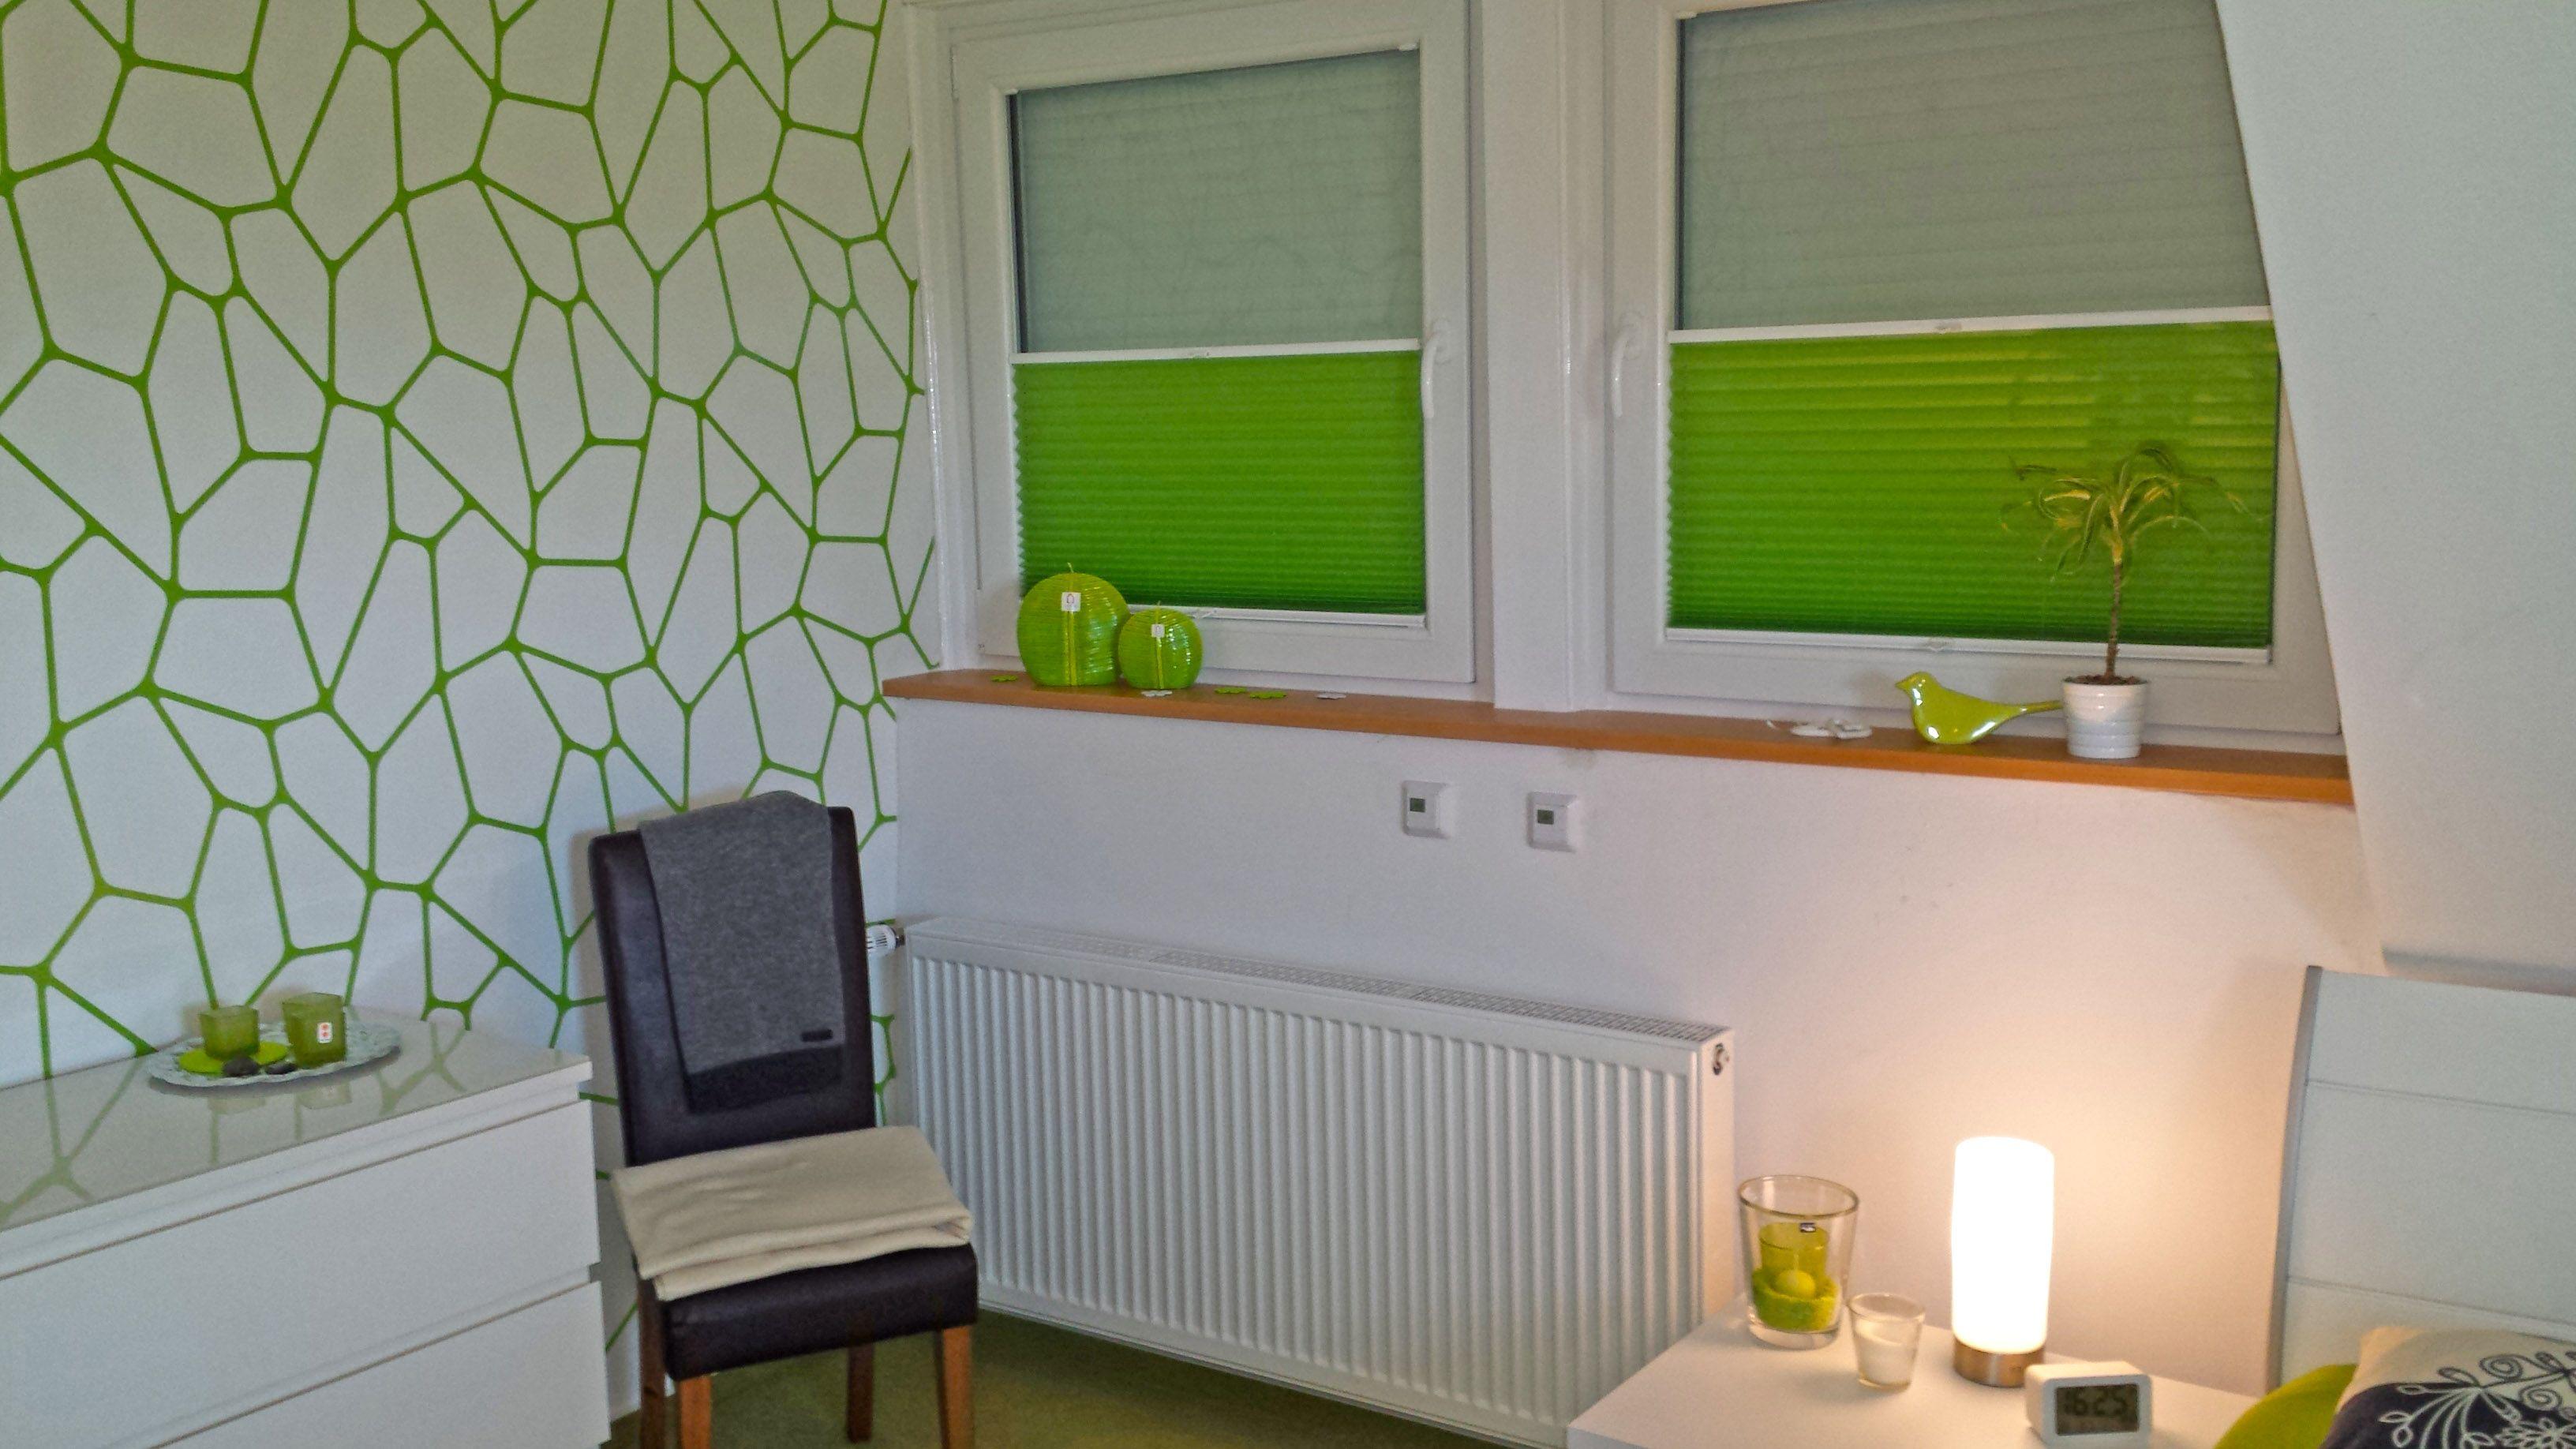 Plissee Schlafzimmer ~ Deko #plissee #grünfan #schlafzimmer unsere produkte sind